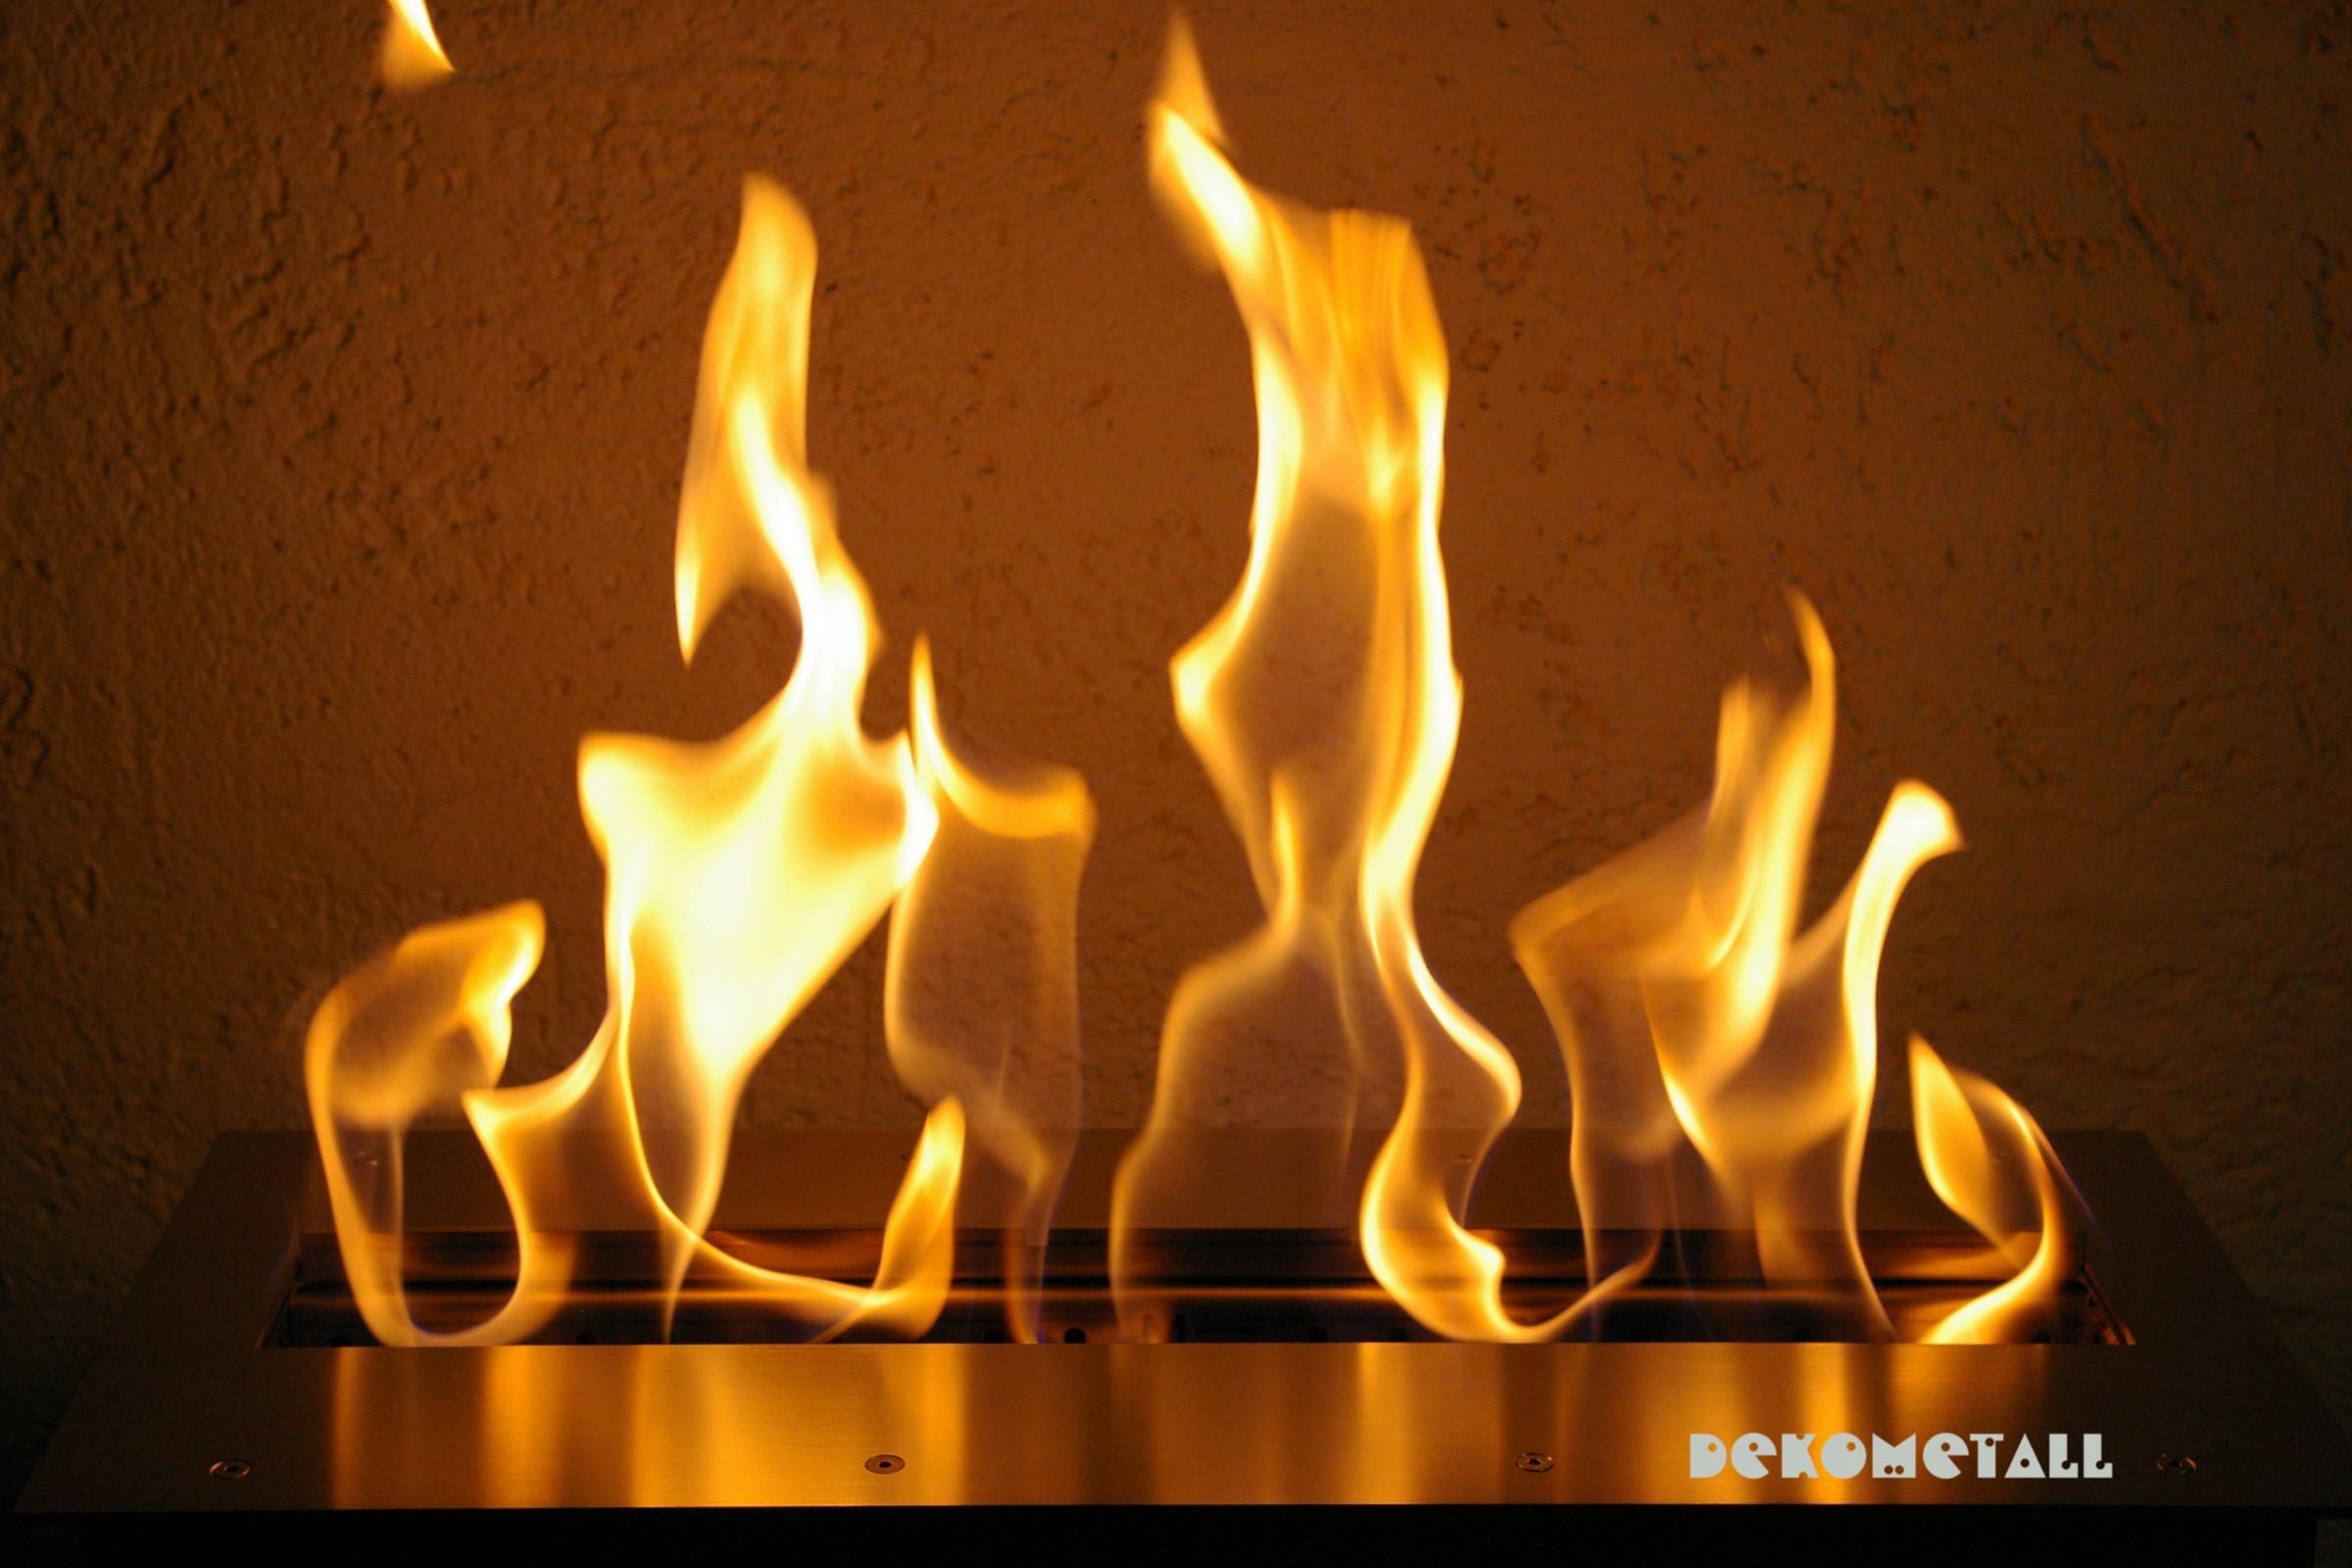 dekometall onlineshop willkommen ethanol brenner i burner 5 0. Black Bedroom Furniture Sets. Home Design Ideas